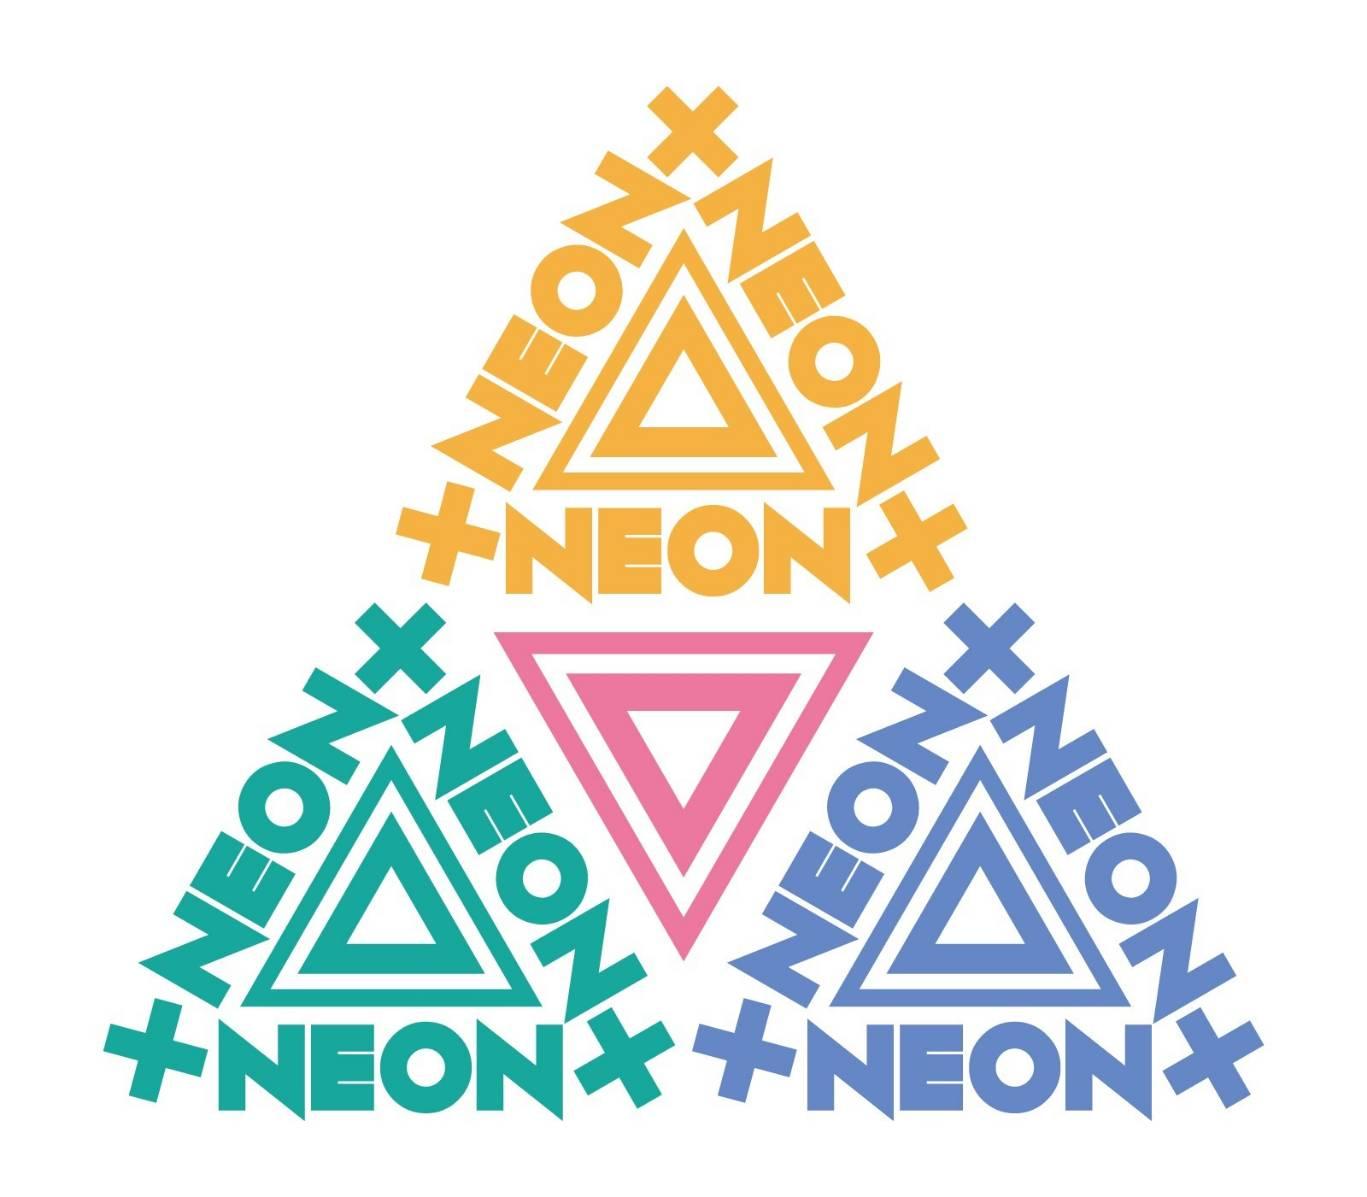 2019年11月15日(金)『NEON×NEON×NEON』@渋谷ストリームホール